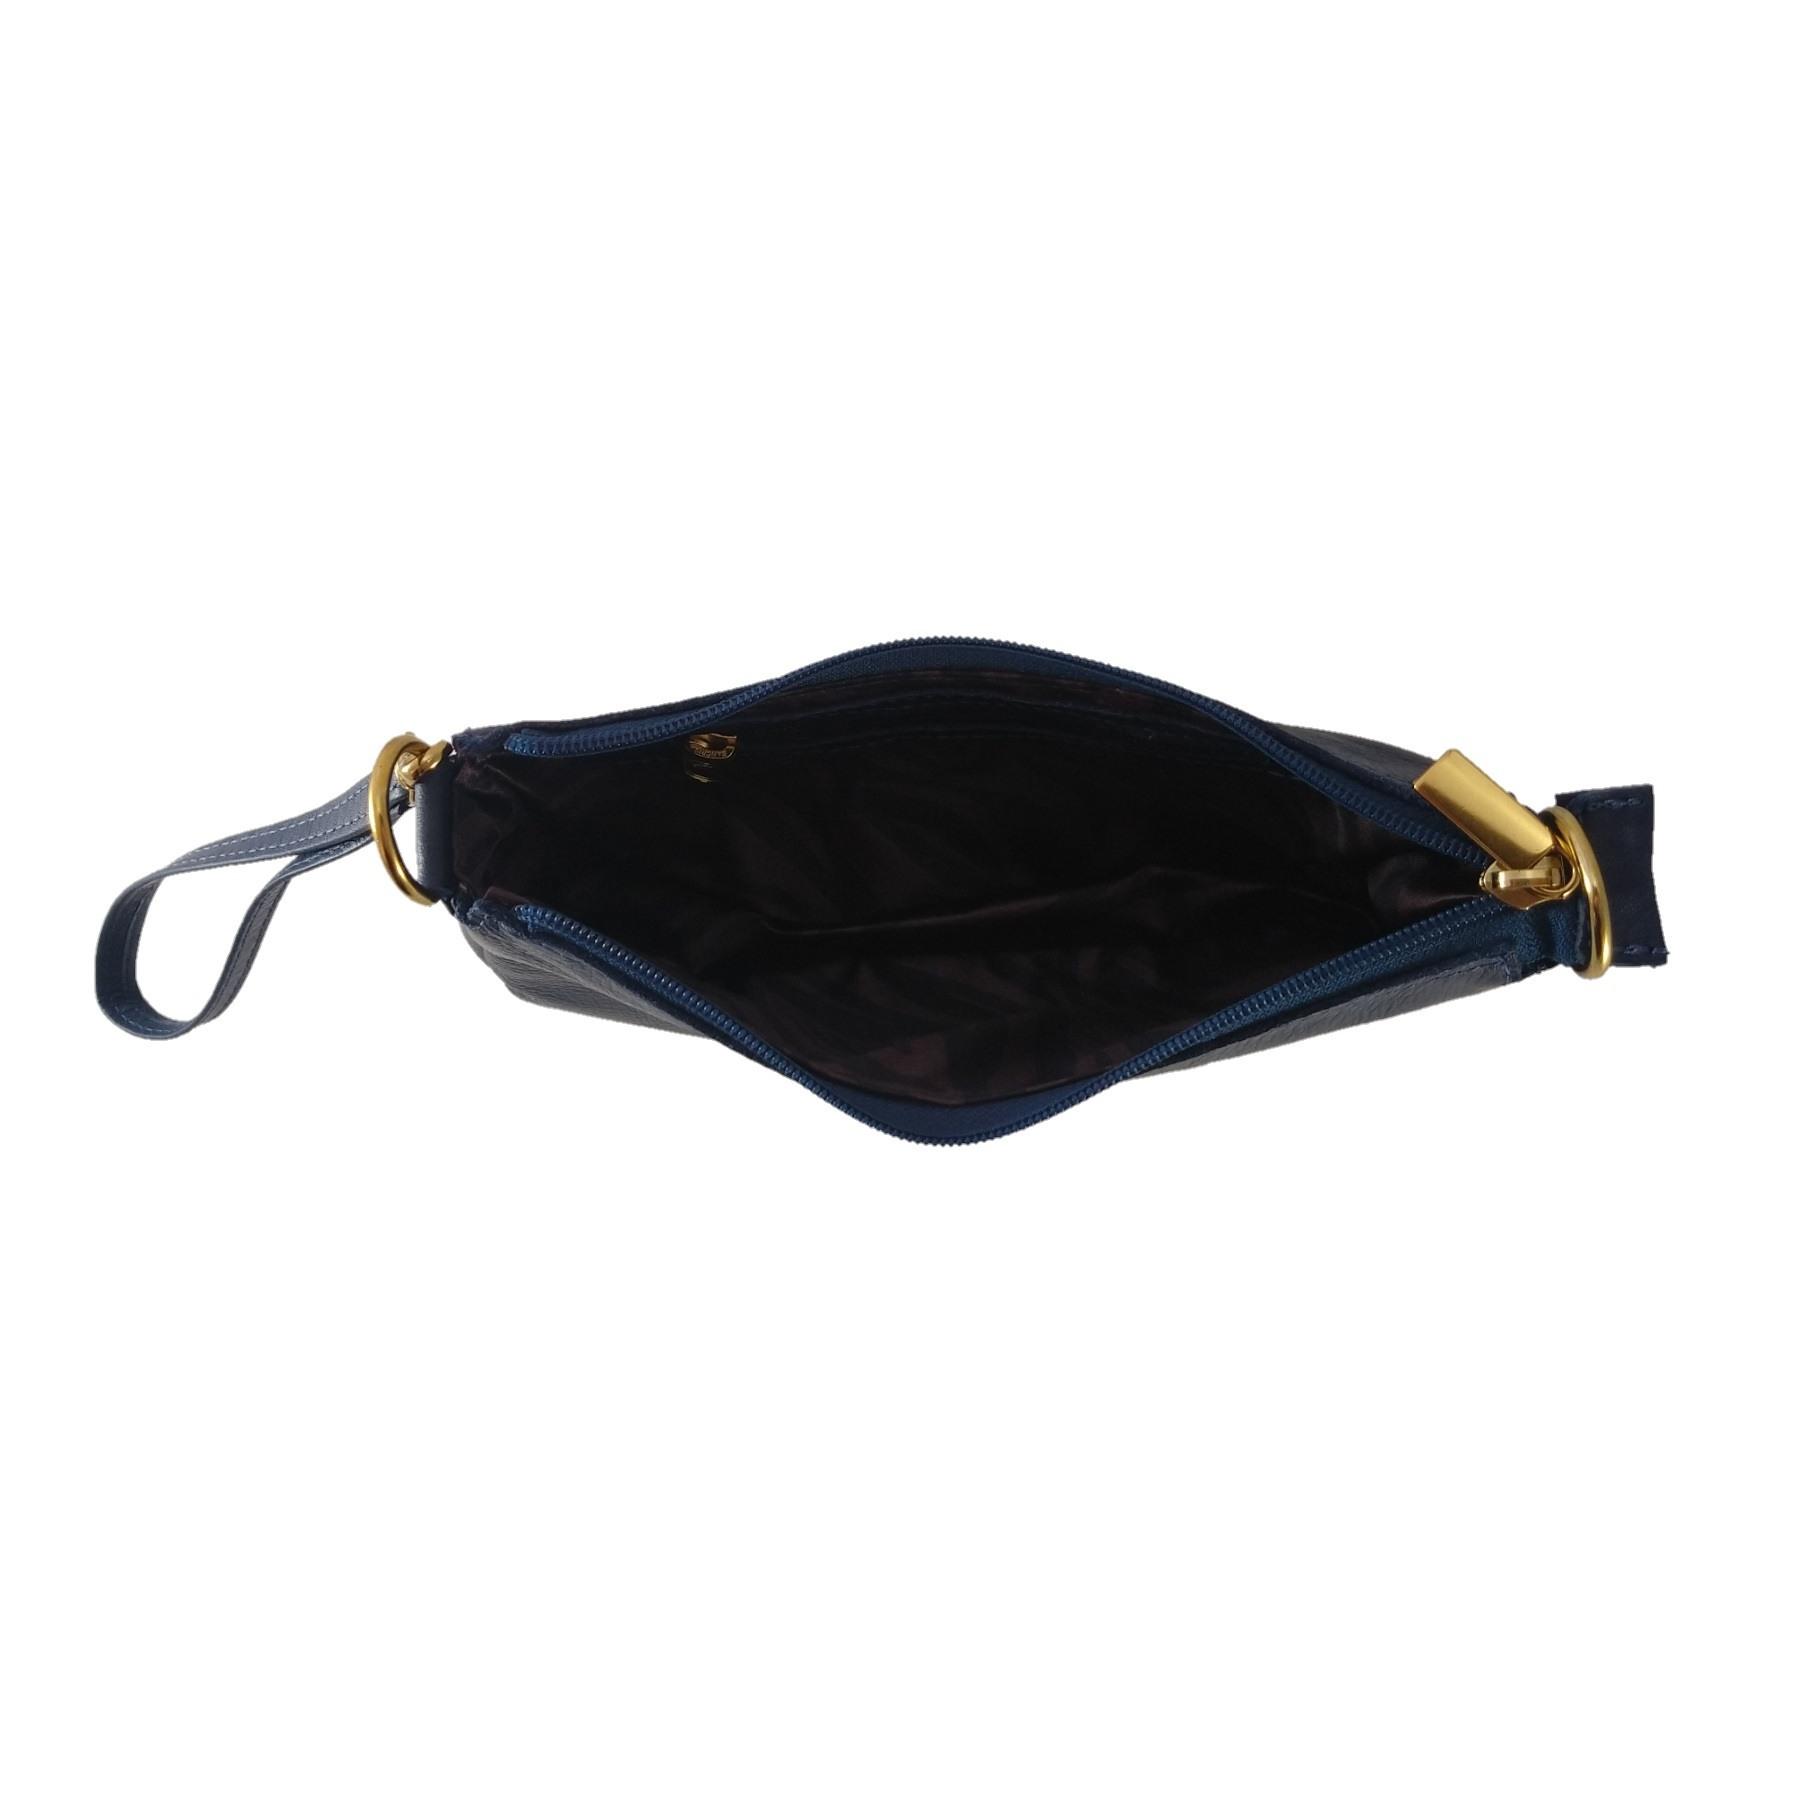 Bolsa Carteira Clutch TopGrife Transversal Couro Azul Marinho - Promoção  - SAPATOWEB.COM